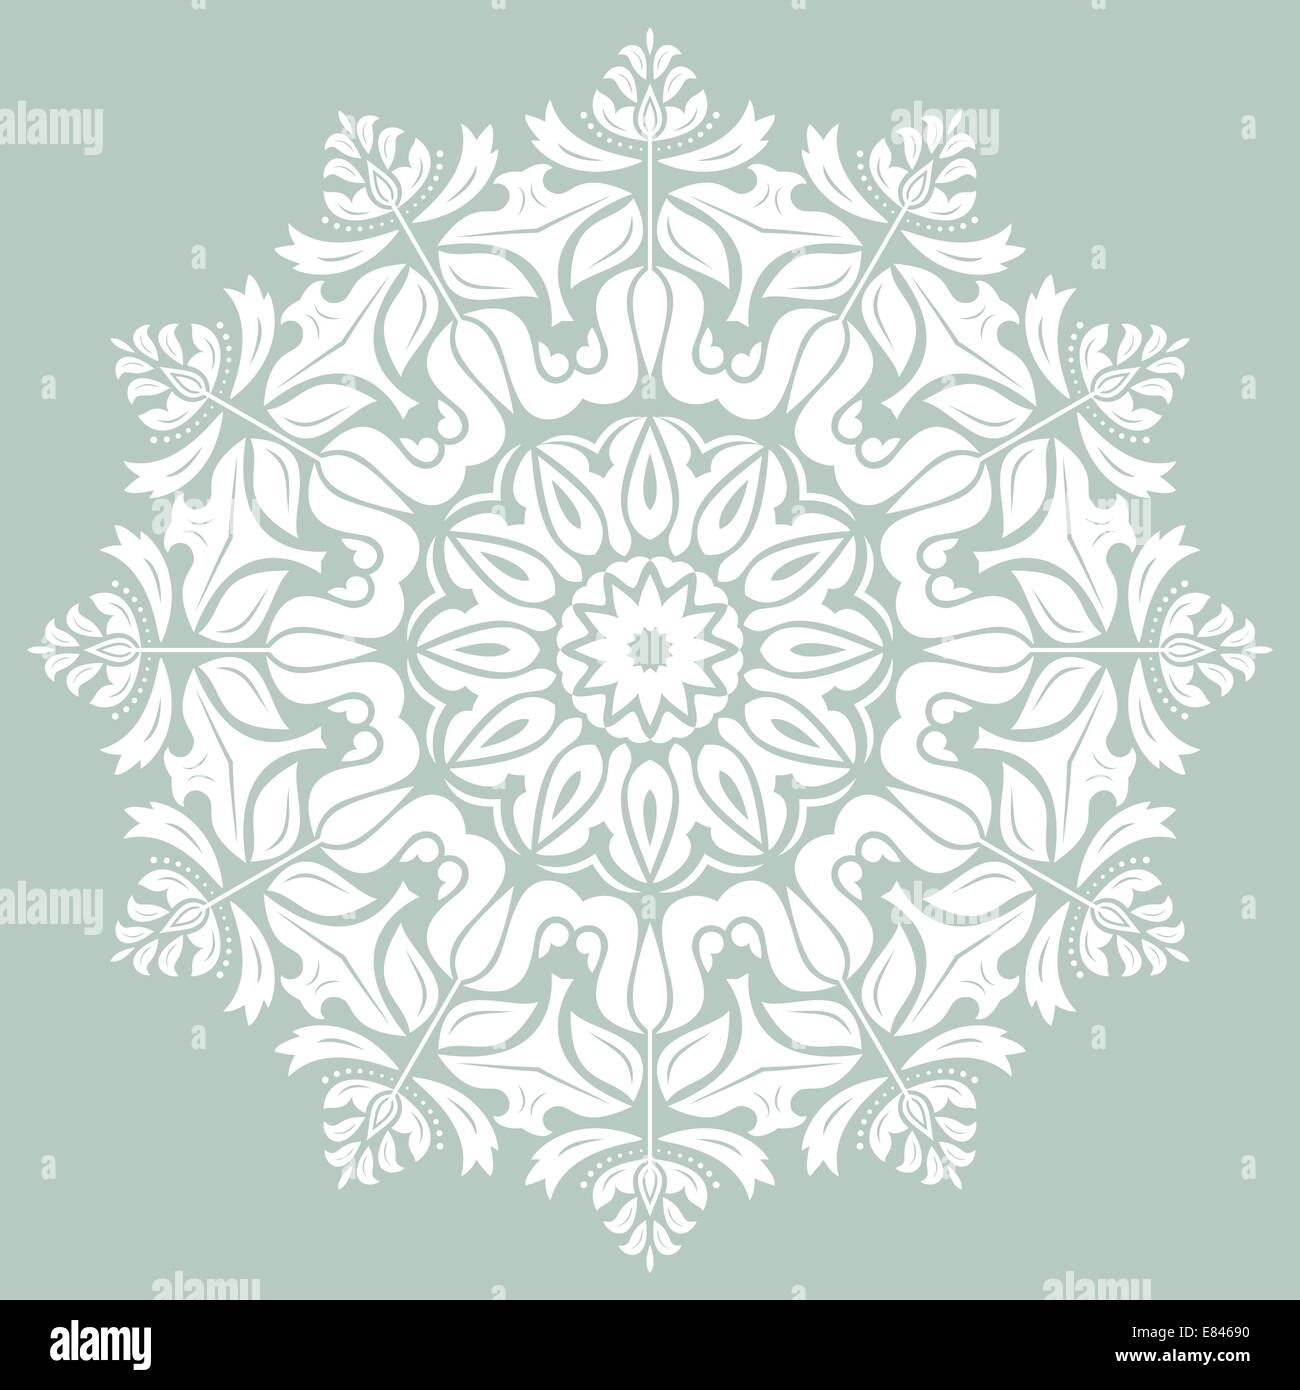 Vecteur oriental avec motif floral et arabesque en damassé, éléments. Abstract background Photo Stock